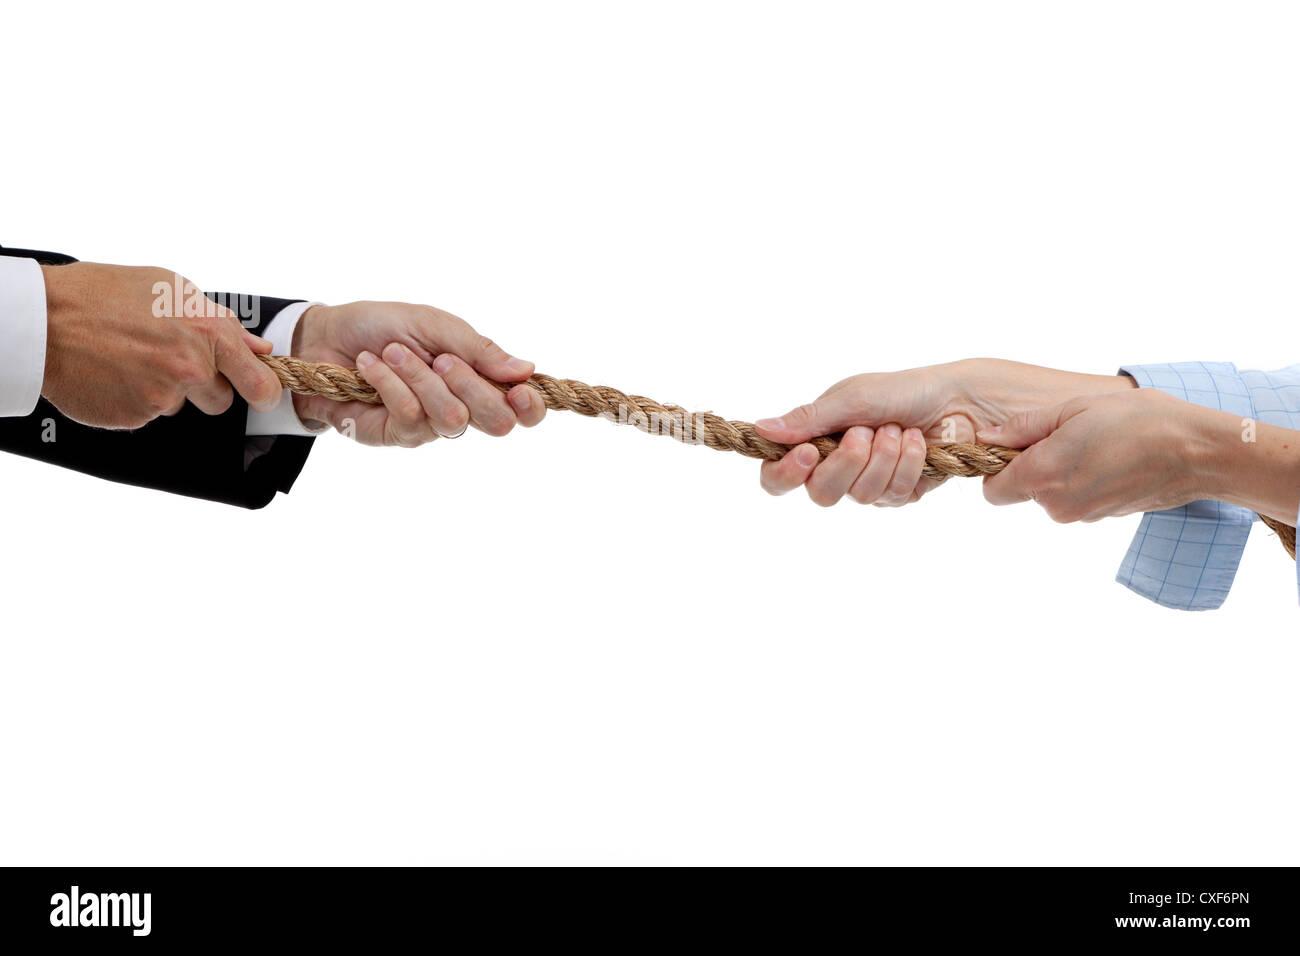 Mains d'un homme et une femme tire sur des extrémités d'une corde Photo Stock